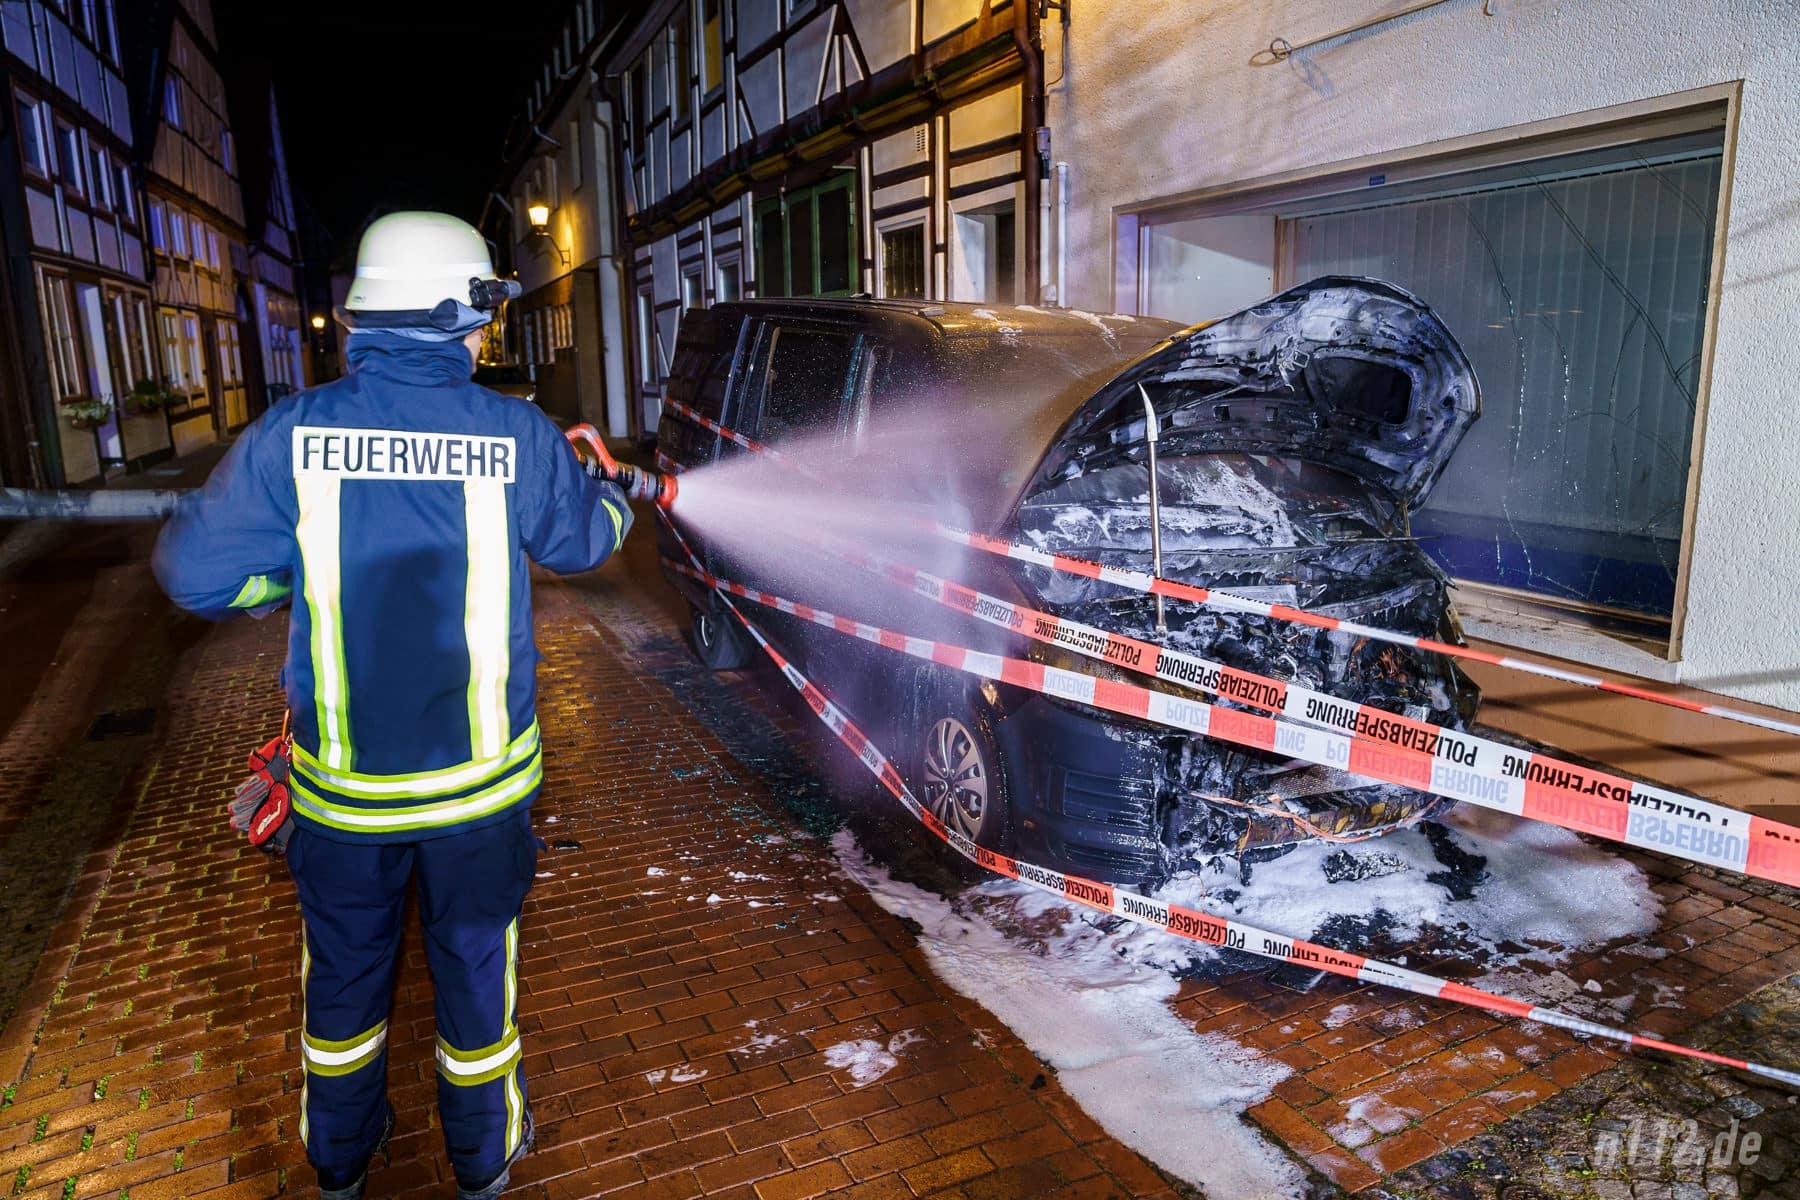 Letzte Glutnester werden mit Wasser gelöscht, nachdem die Polizei das Fahrzeug schon großzügig mit Absperrband eingewickelt hat (Foto: n112.de/Stefan Simonsen)